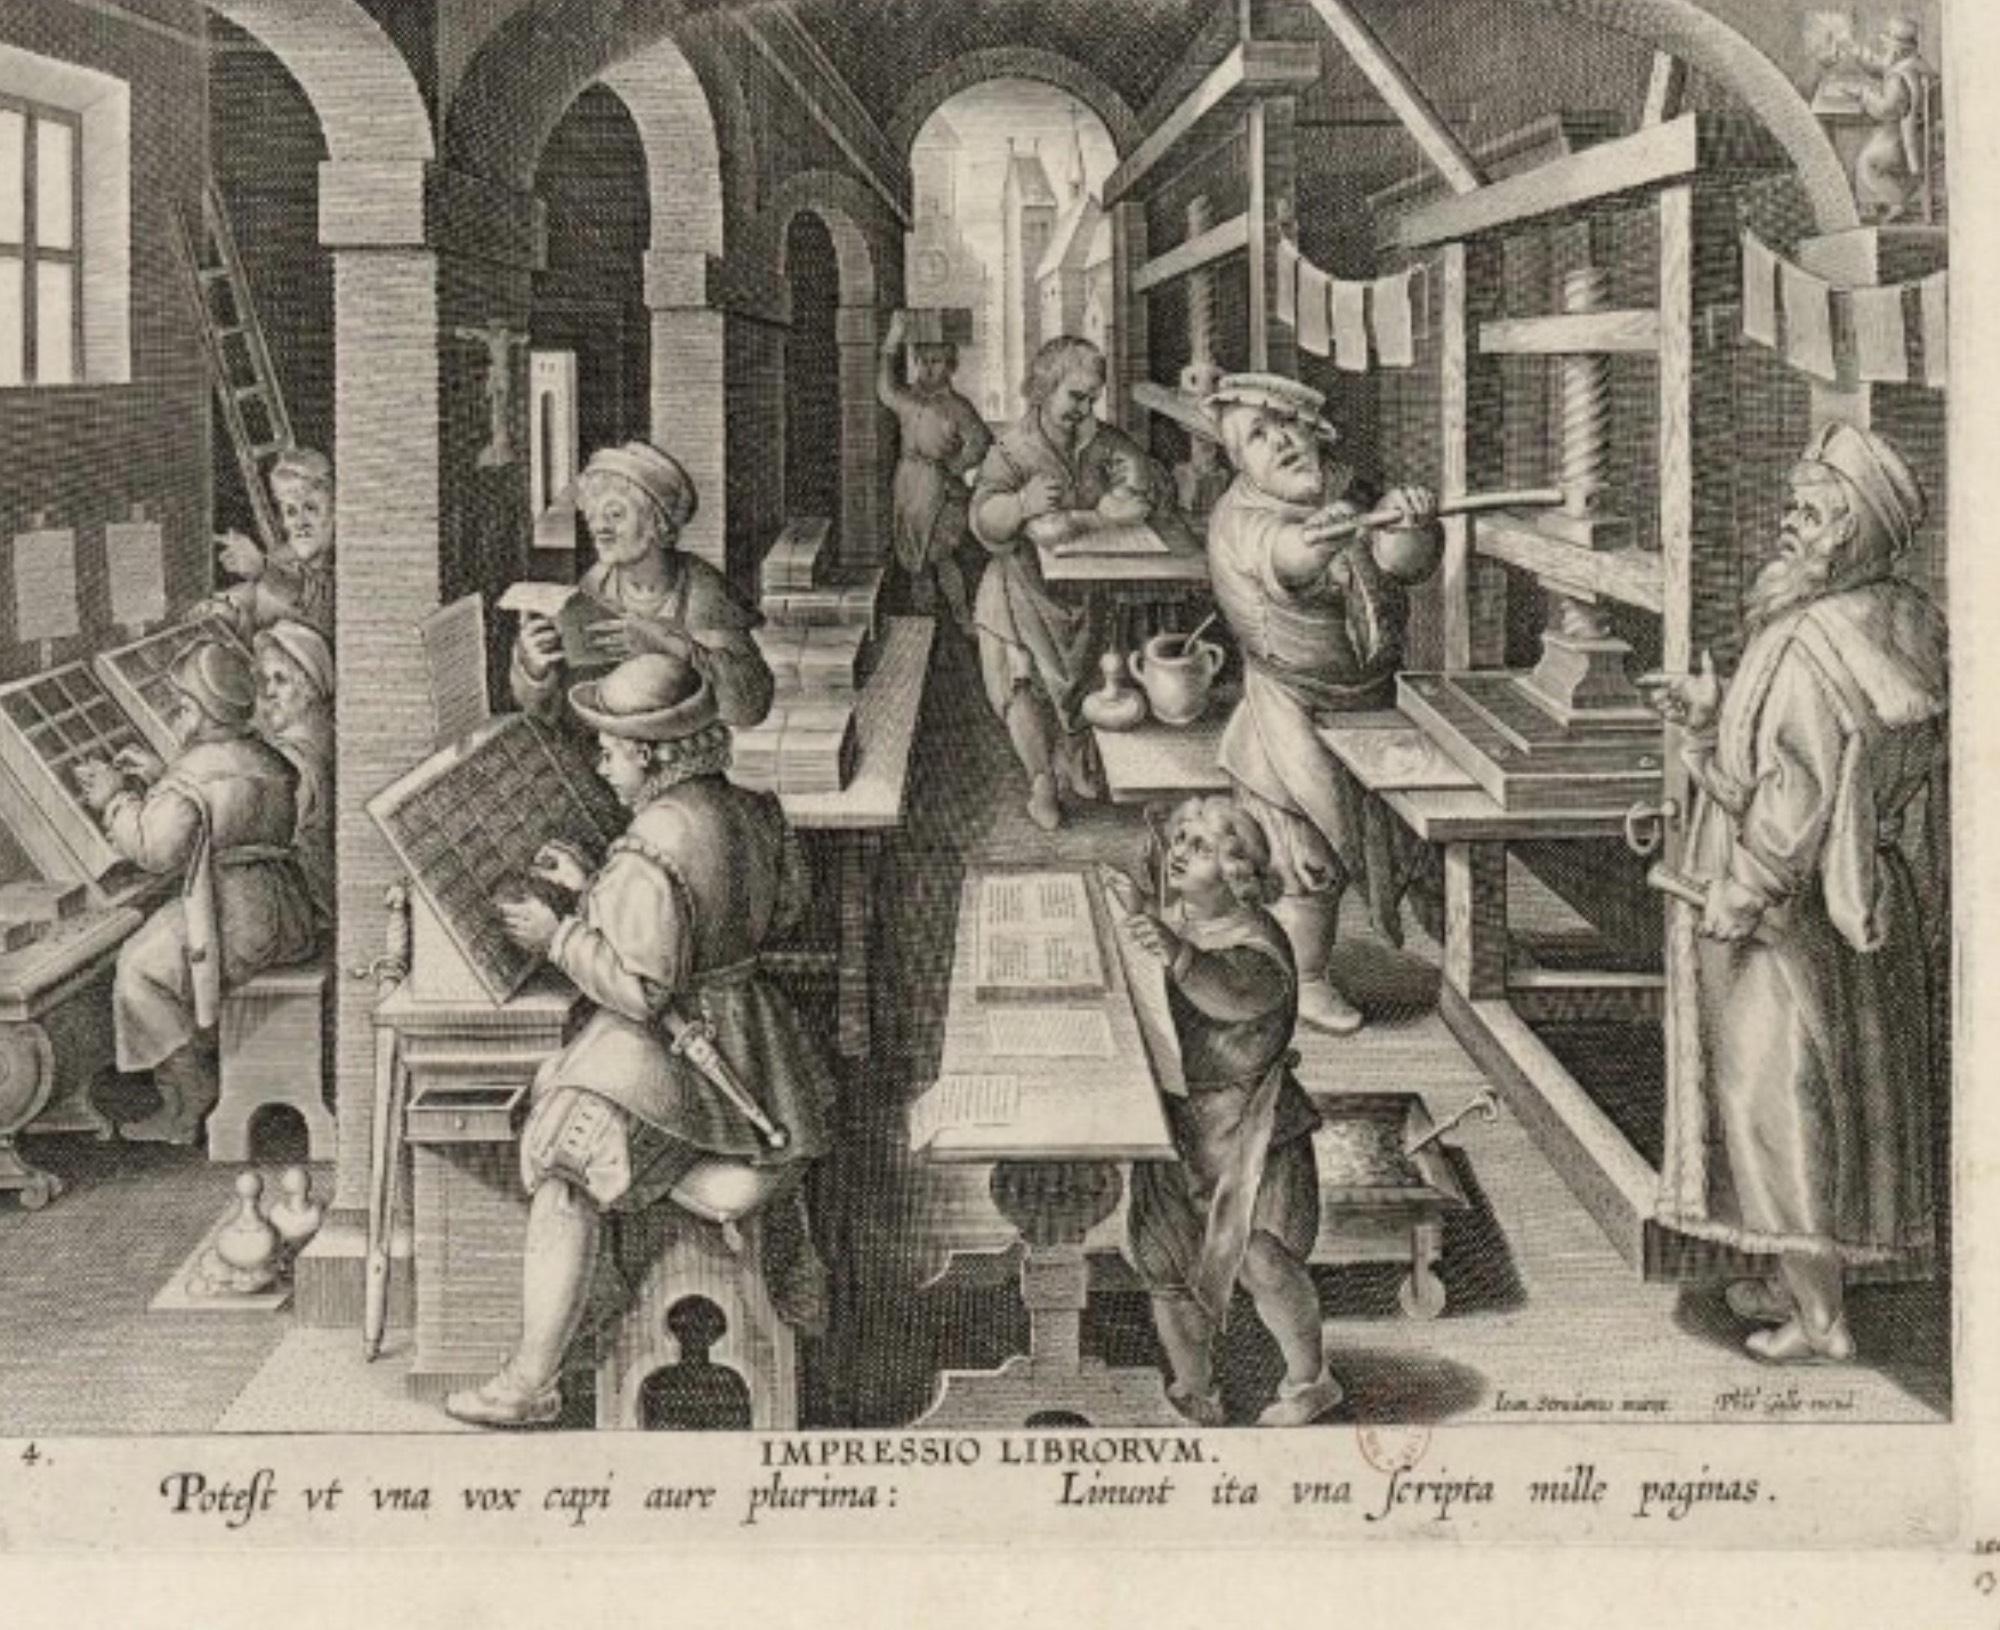 Περί γραφών και βιβλιοθηκών: από το περιεχόμενο στο περιέχον και αντιστρόφως